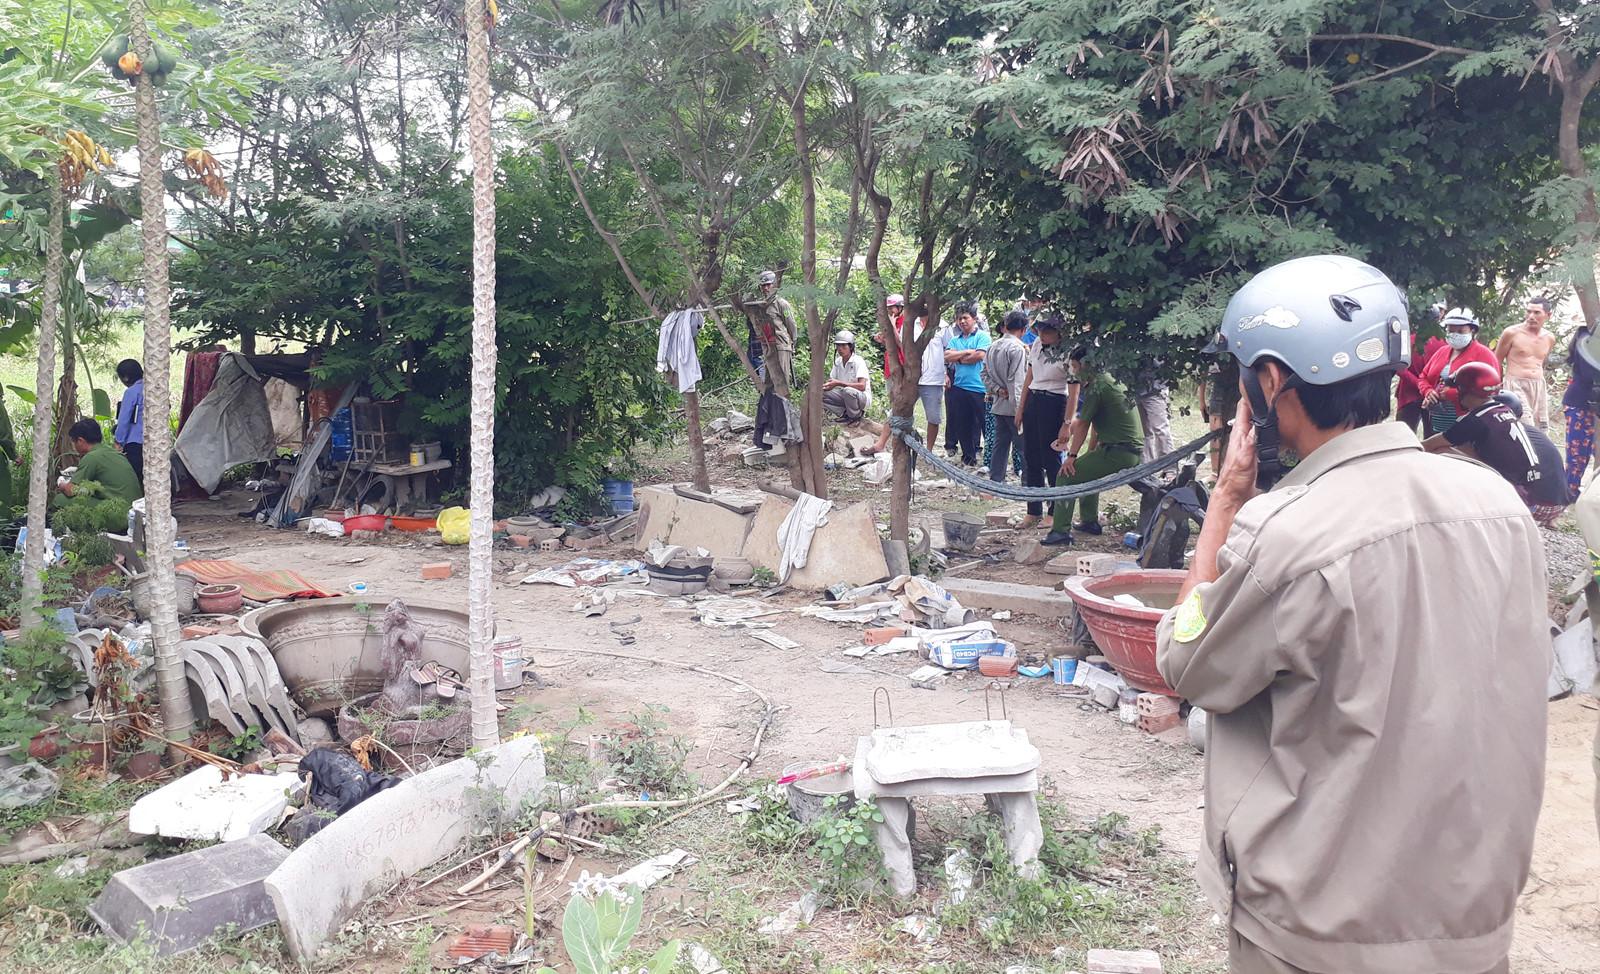 Bắt nghi can giết bé gái bỏ vào chậu kiểng ở Ninh Thuận